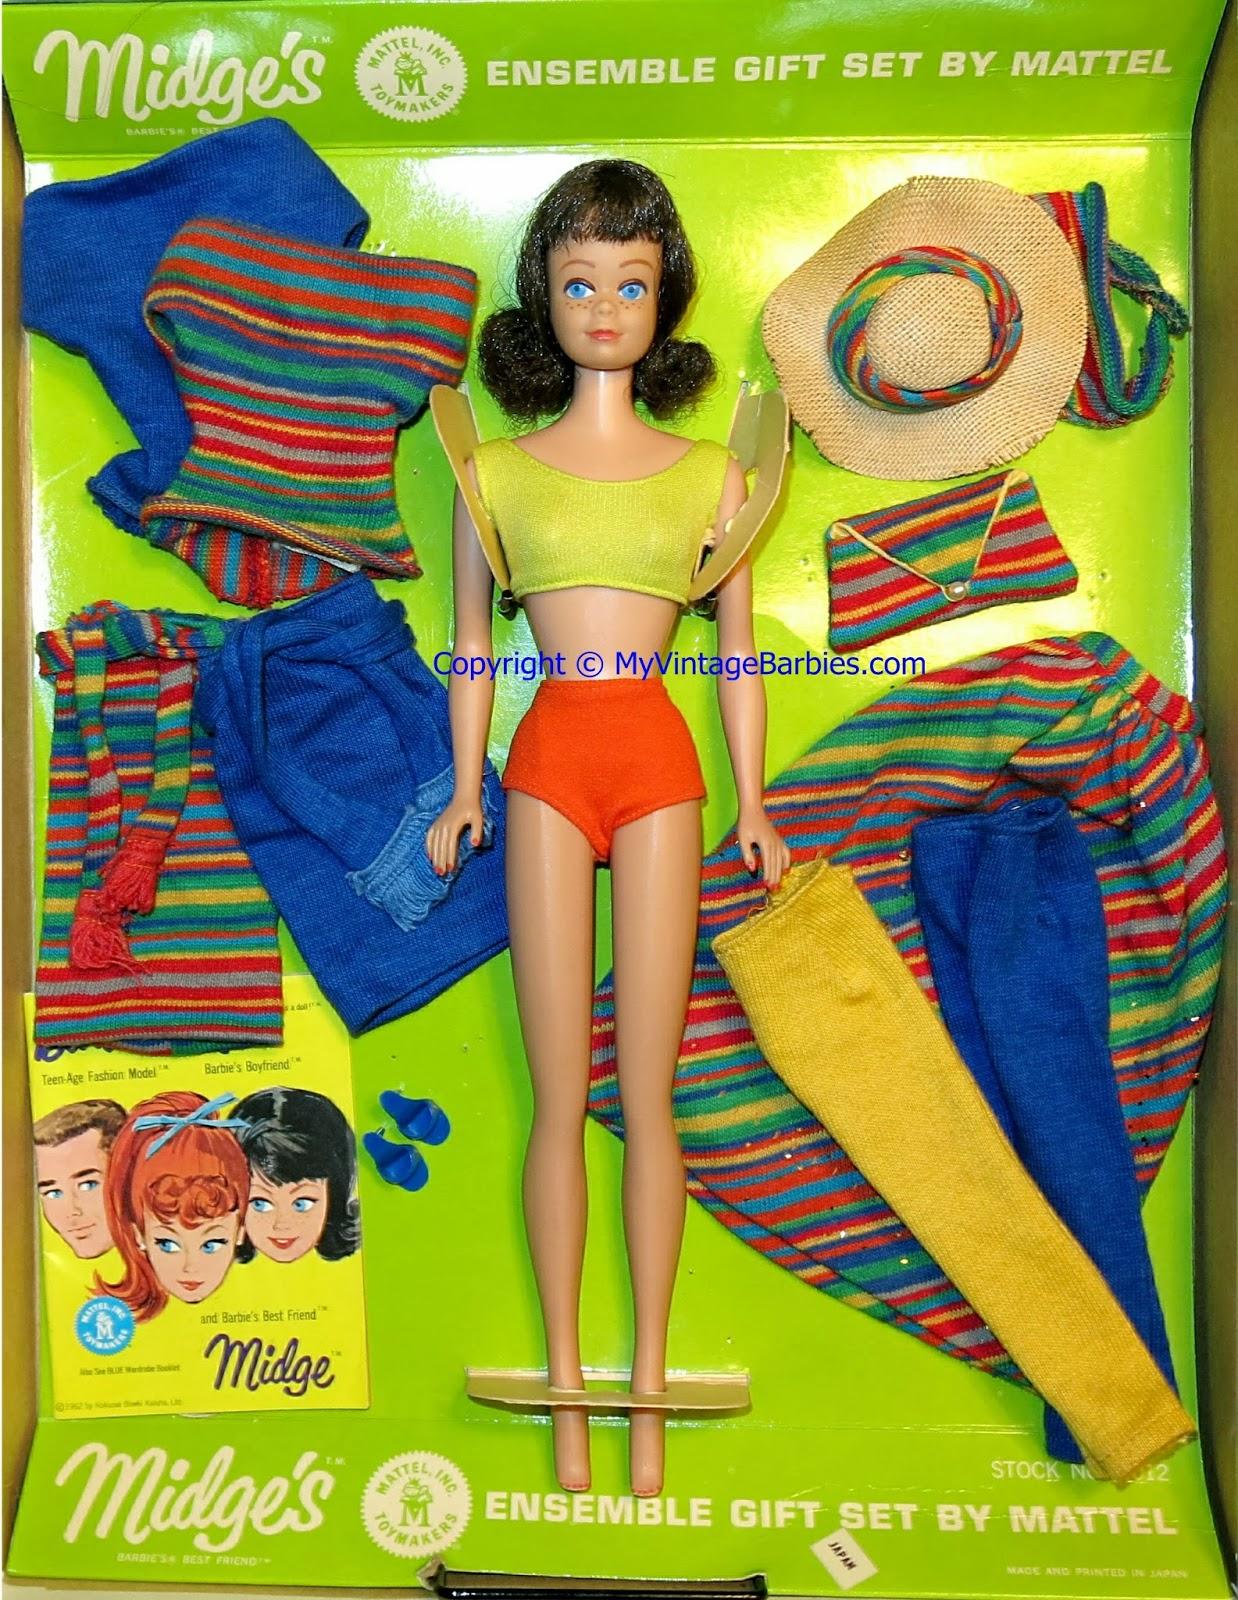 My vintage barbies barbie of the month midge s